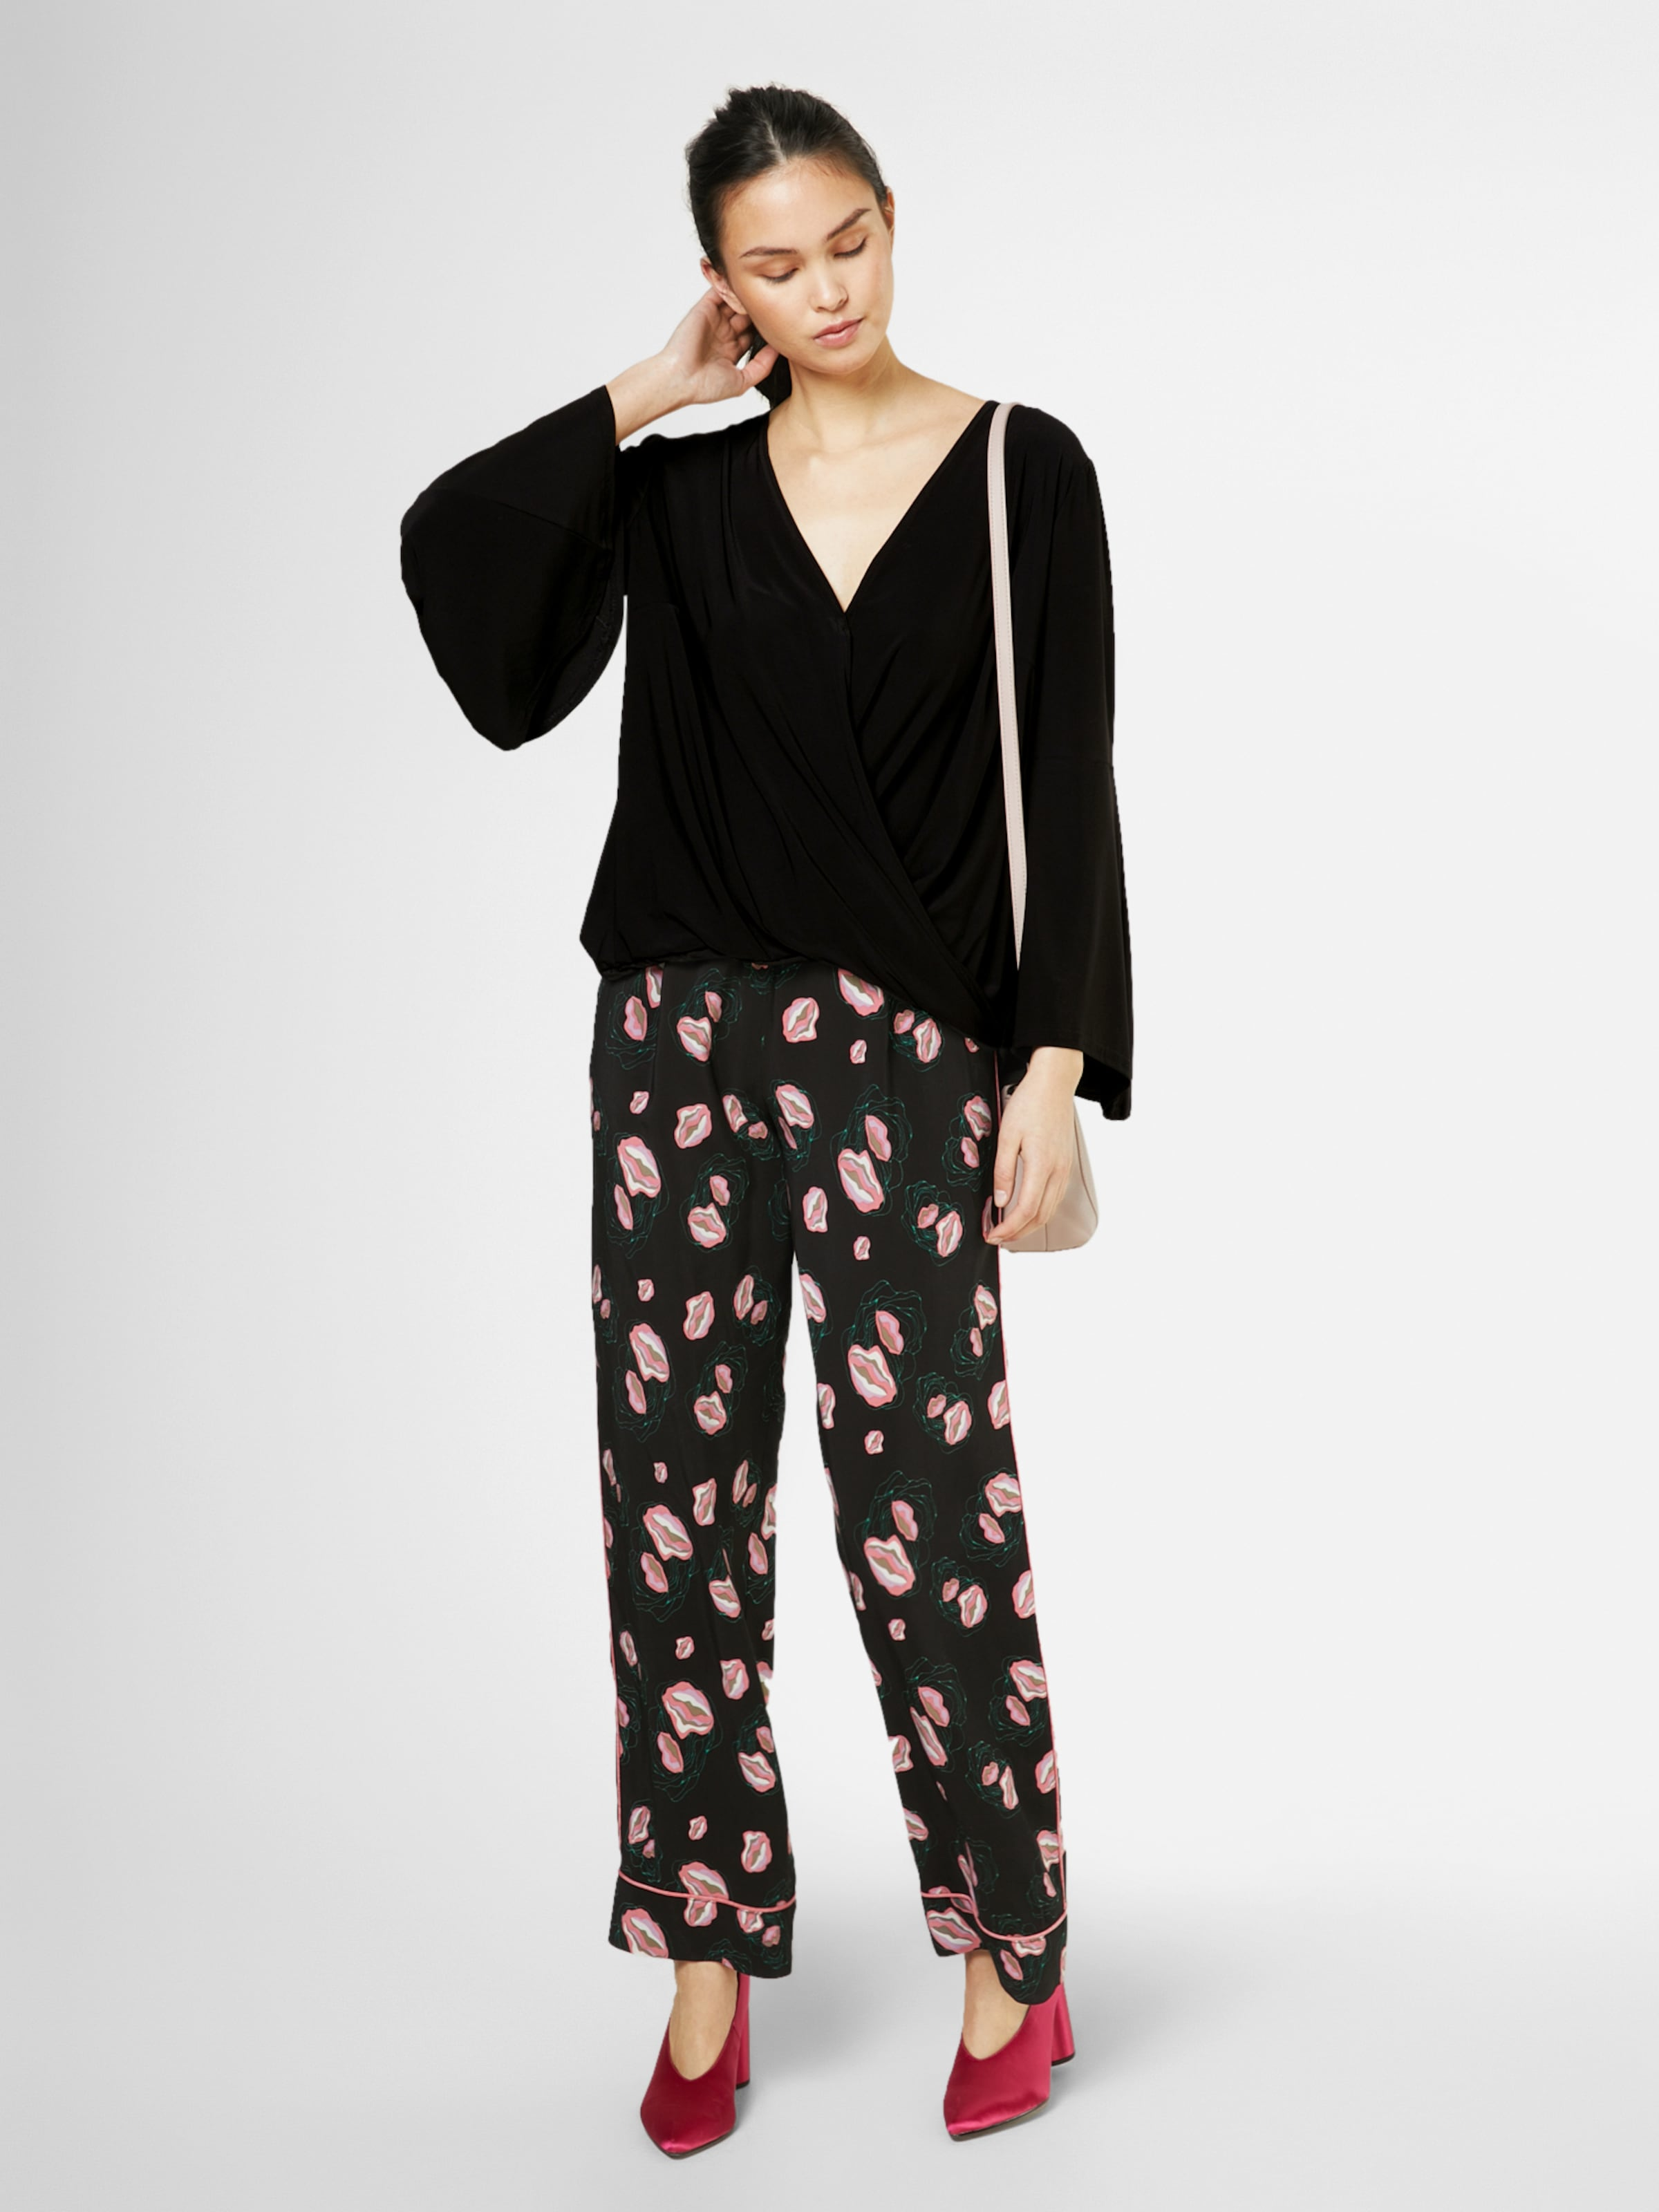 SISTERS POINT Bluse 'LIMO' Billig Verkaufen Mode Billig Verkauf Limitierter Auflage hAu3NgPZ